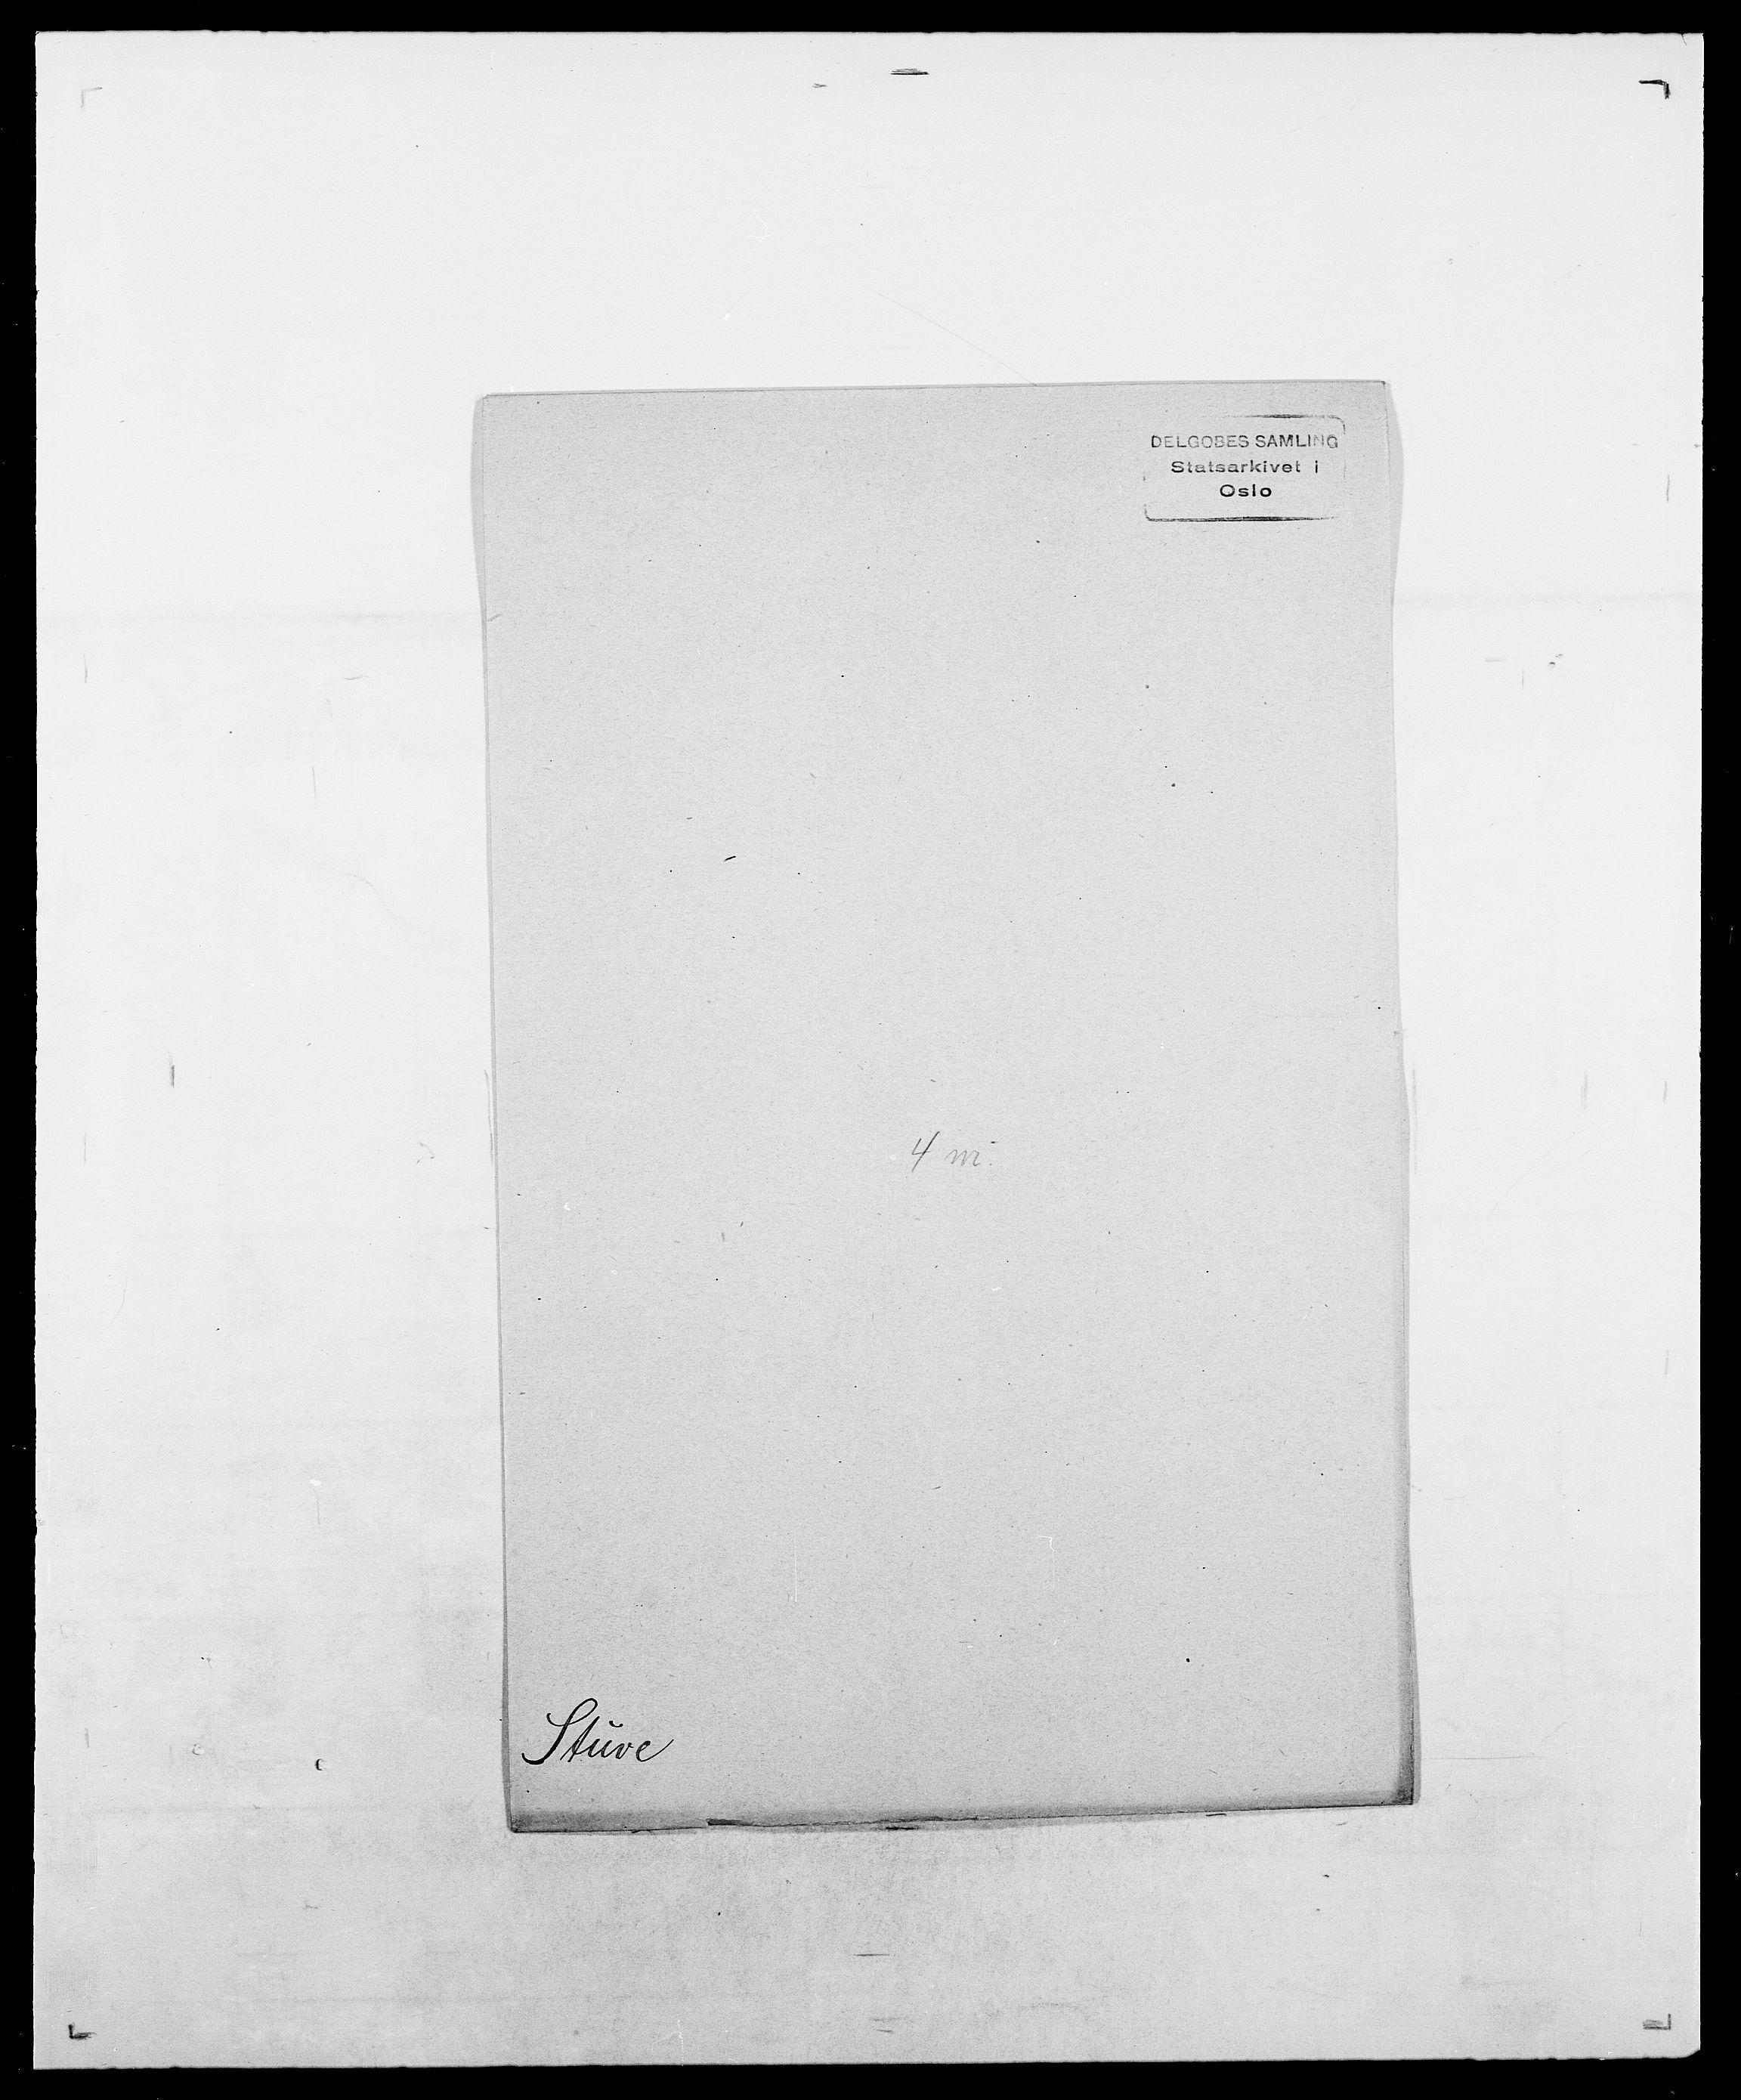 SAO, Delgobe, Charles Antoine - samling, D/Da/L0037: Steen, Sthen, Stein - Svare, Svanige, Svanne, se også Svanning og Schwane, s. 814